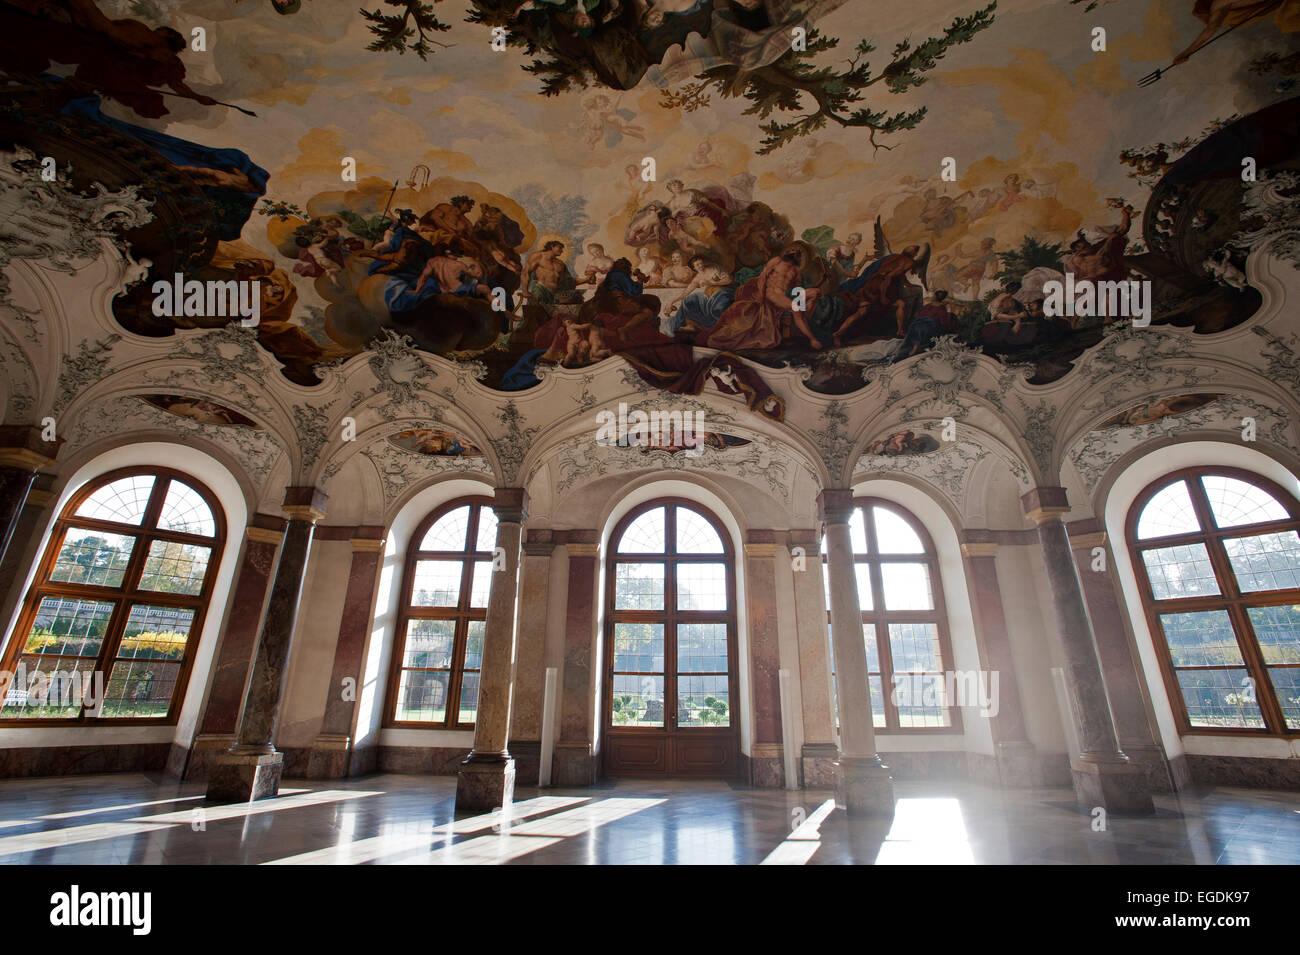 Der weiße Saal, Würzburg Residenz, Würzburg, Franken, Bayern, Deutschland Stockbild